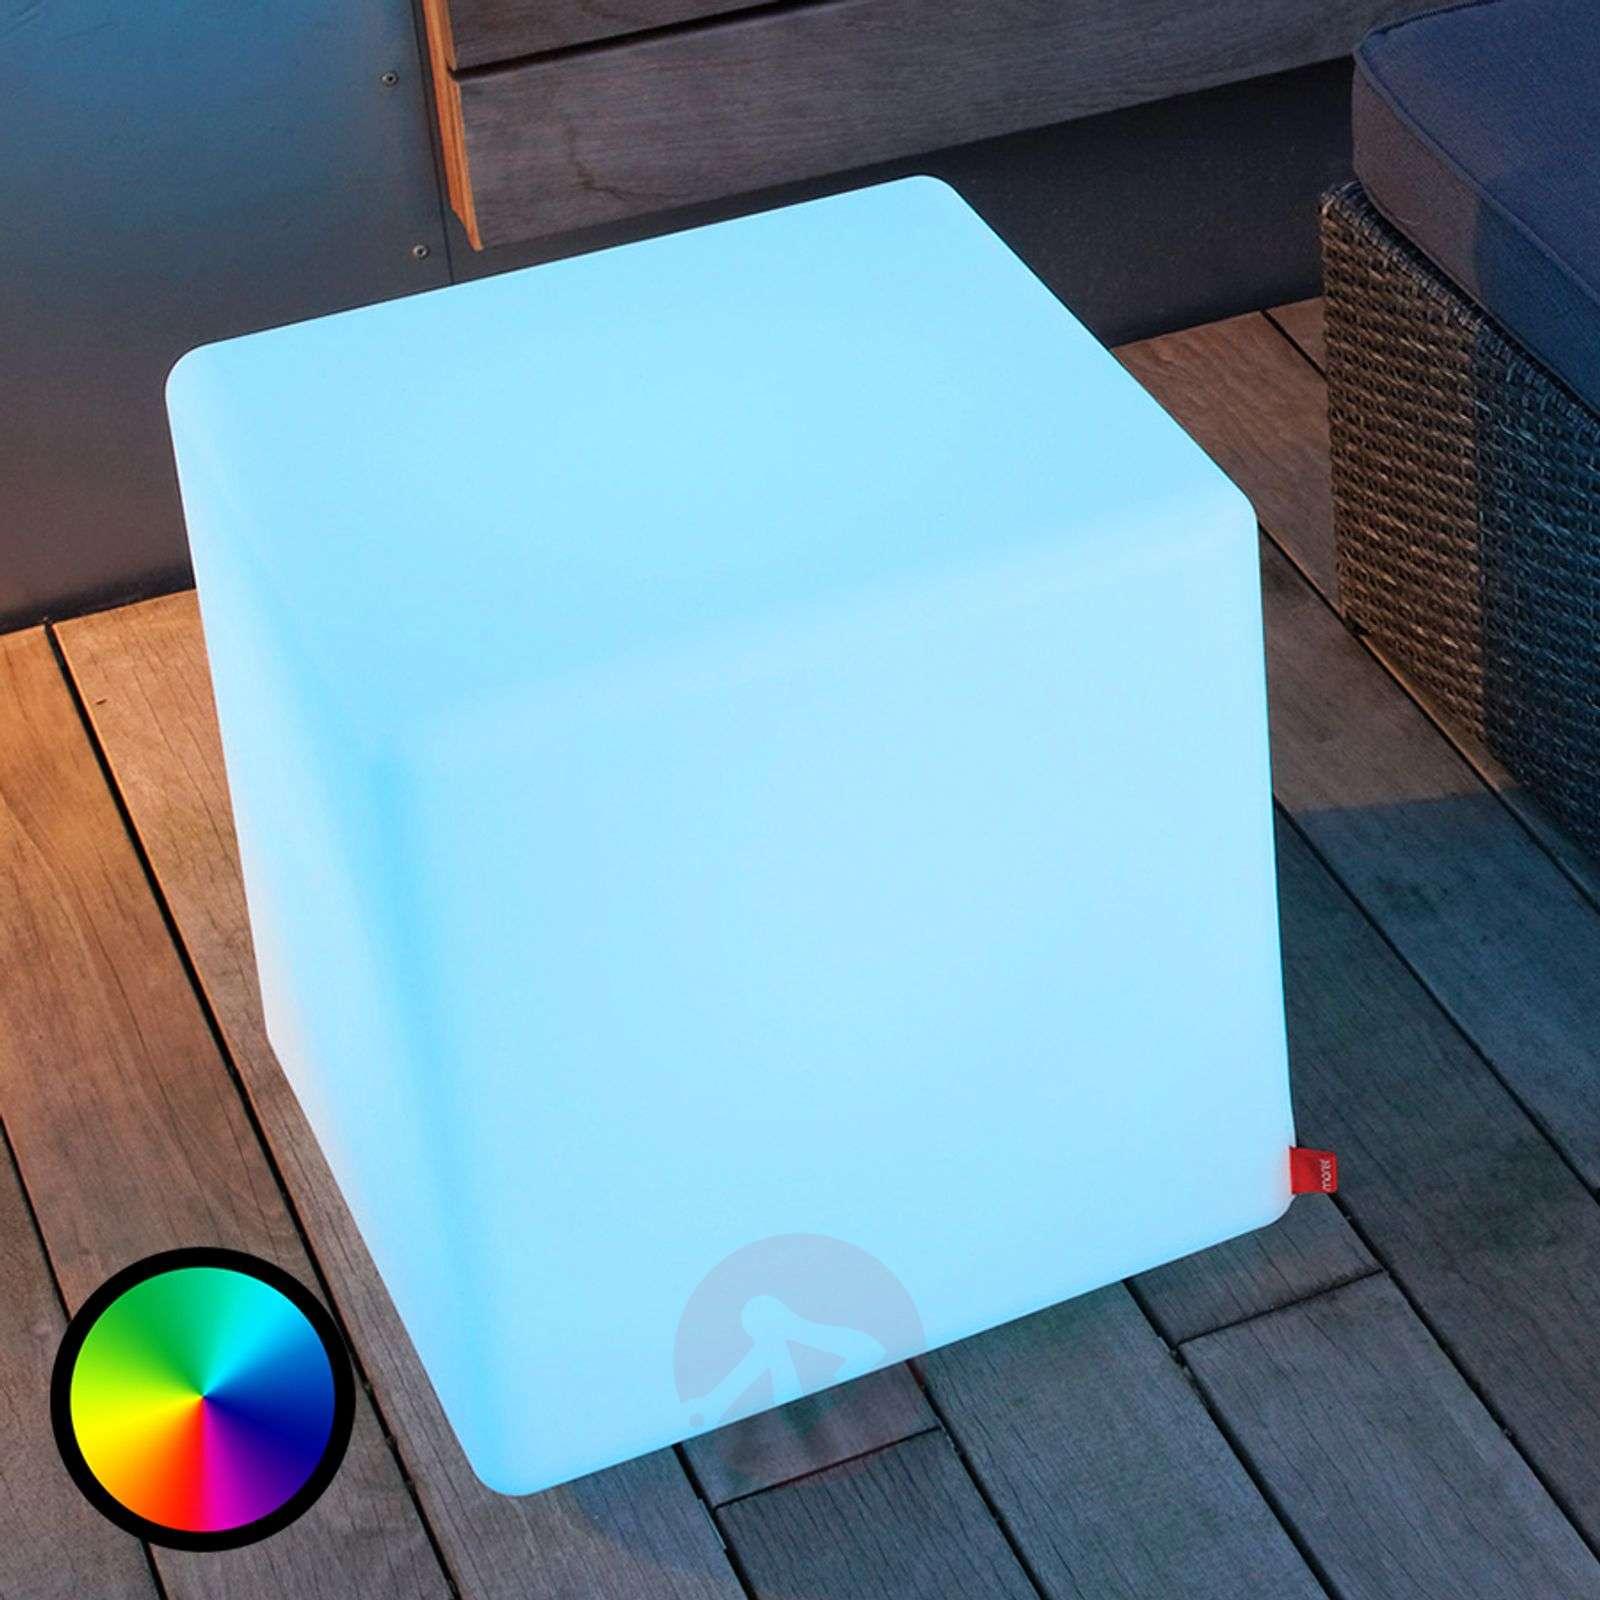 Monitoiminen CUBE Outdoor LED-ulkokoristevalaisin-6537023-01